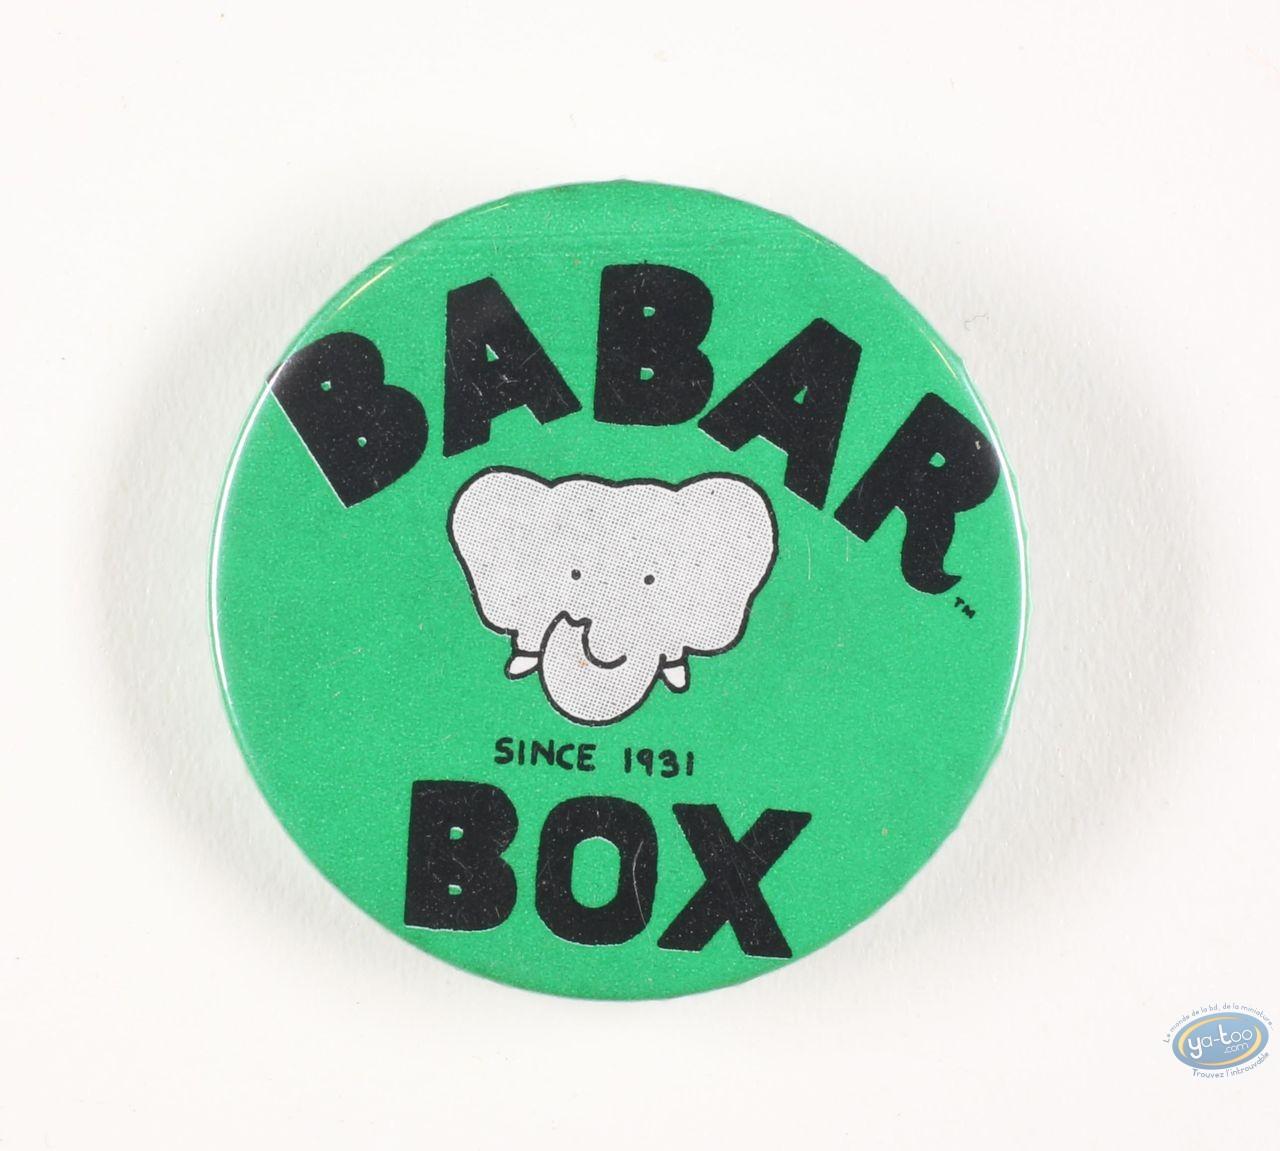 Pin's, Babar : Badge, Babar Box Since 1931